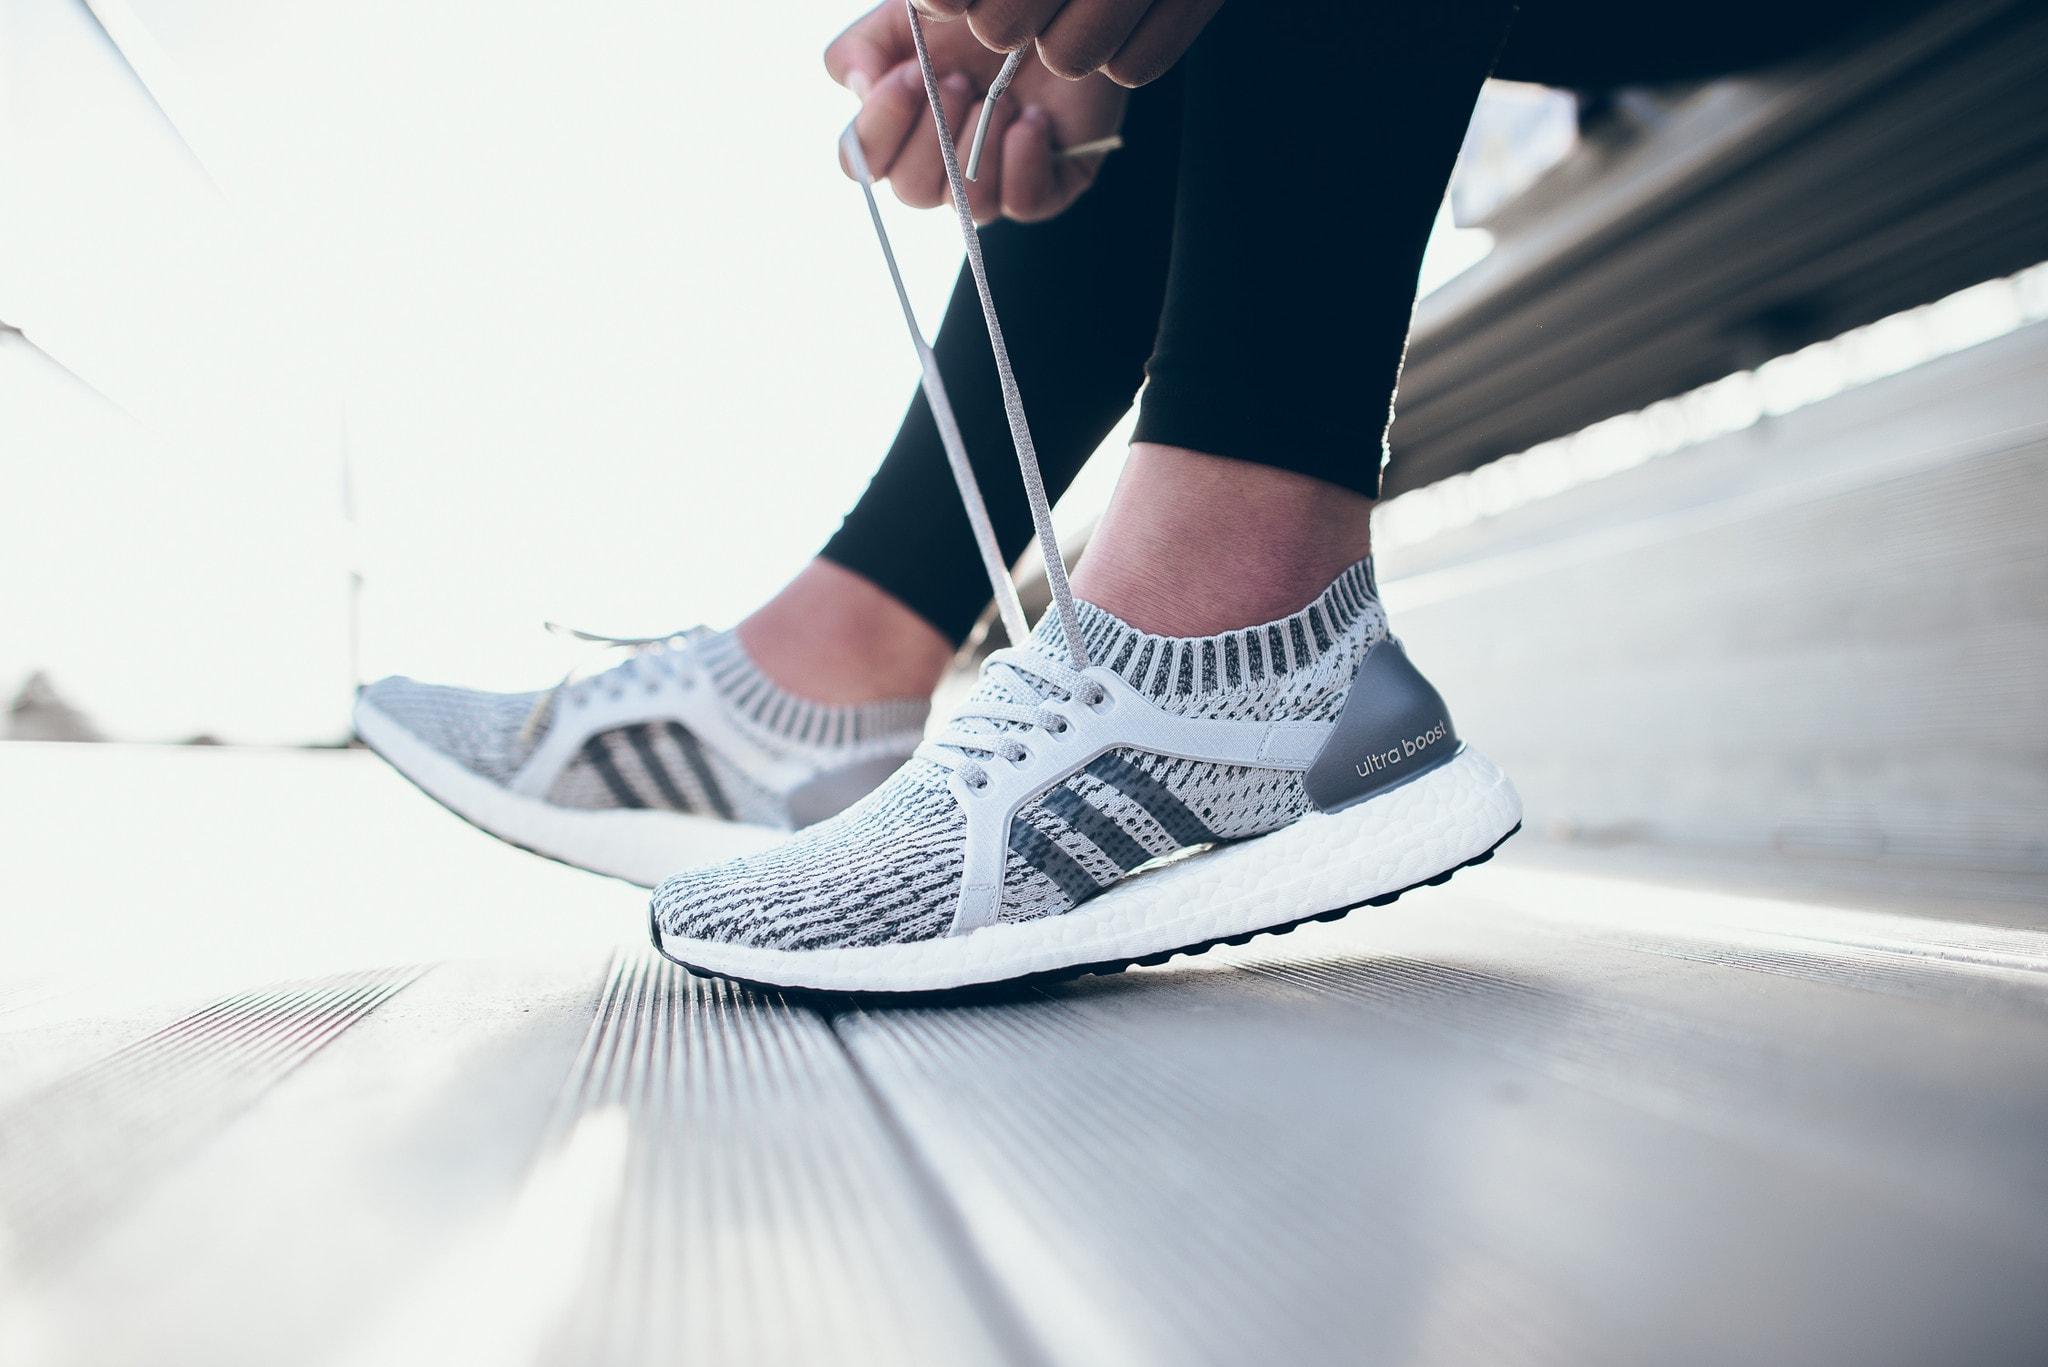 Nếu bạn thường xuyên tập luyện thể thao hãy đầu tư cho bản thân một đôi giày chuyên dụng